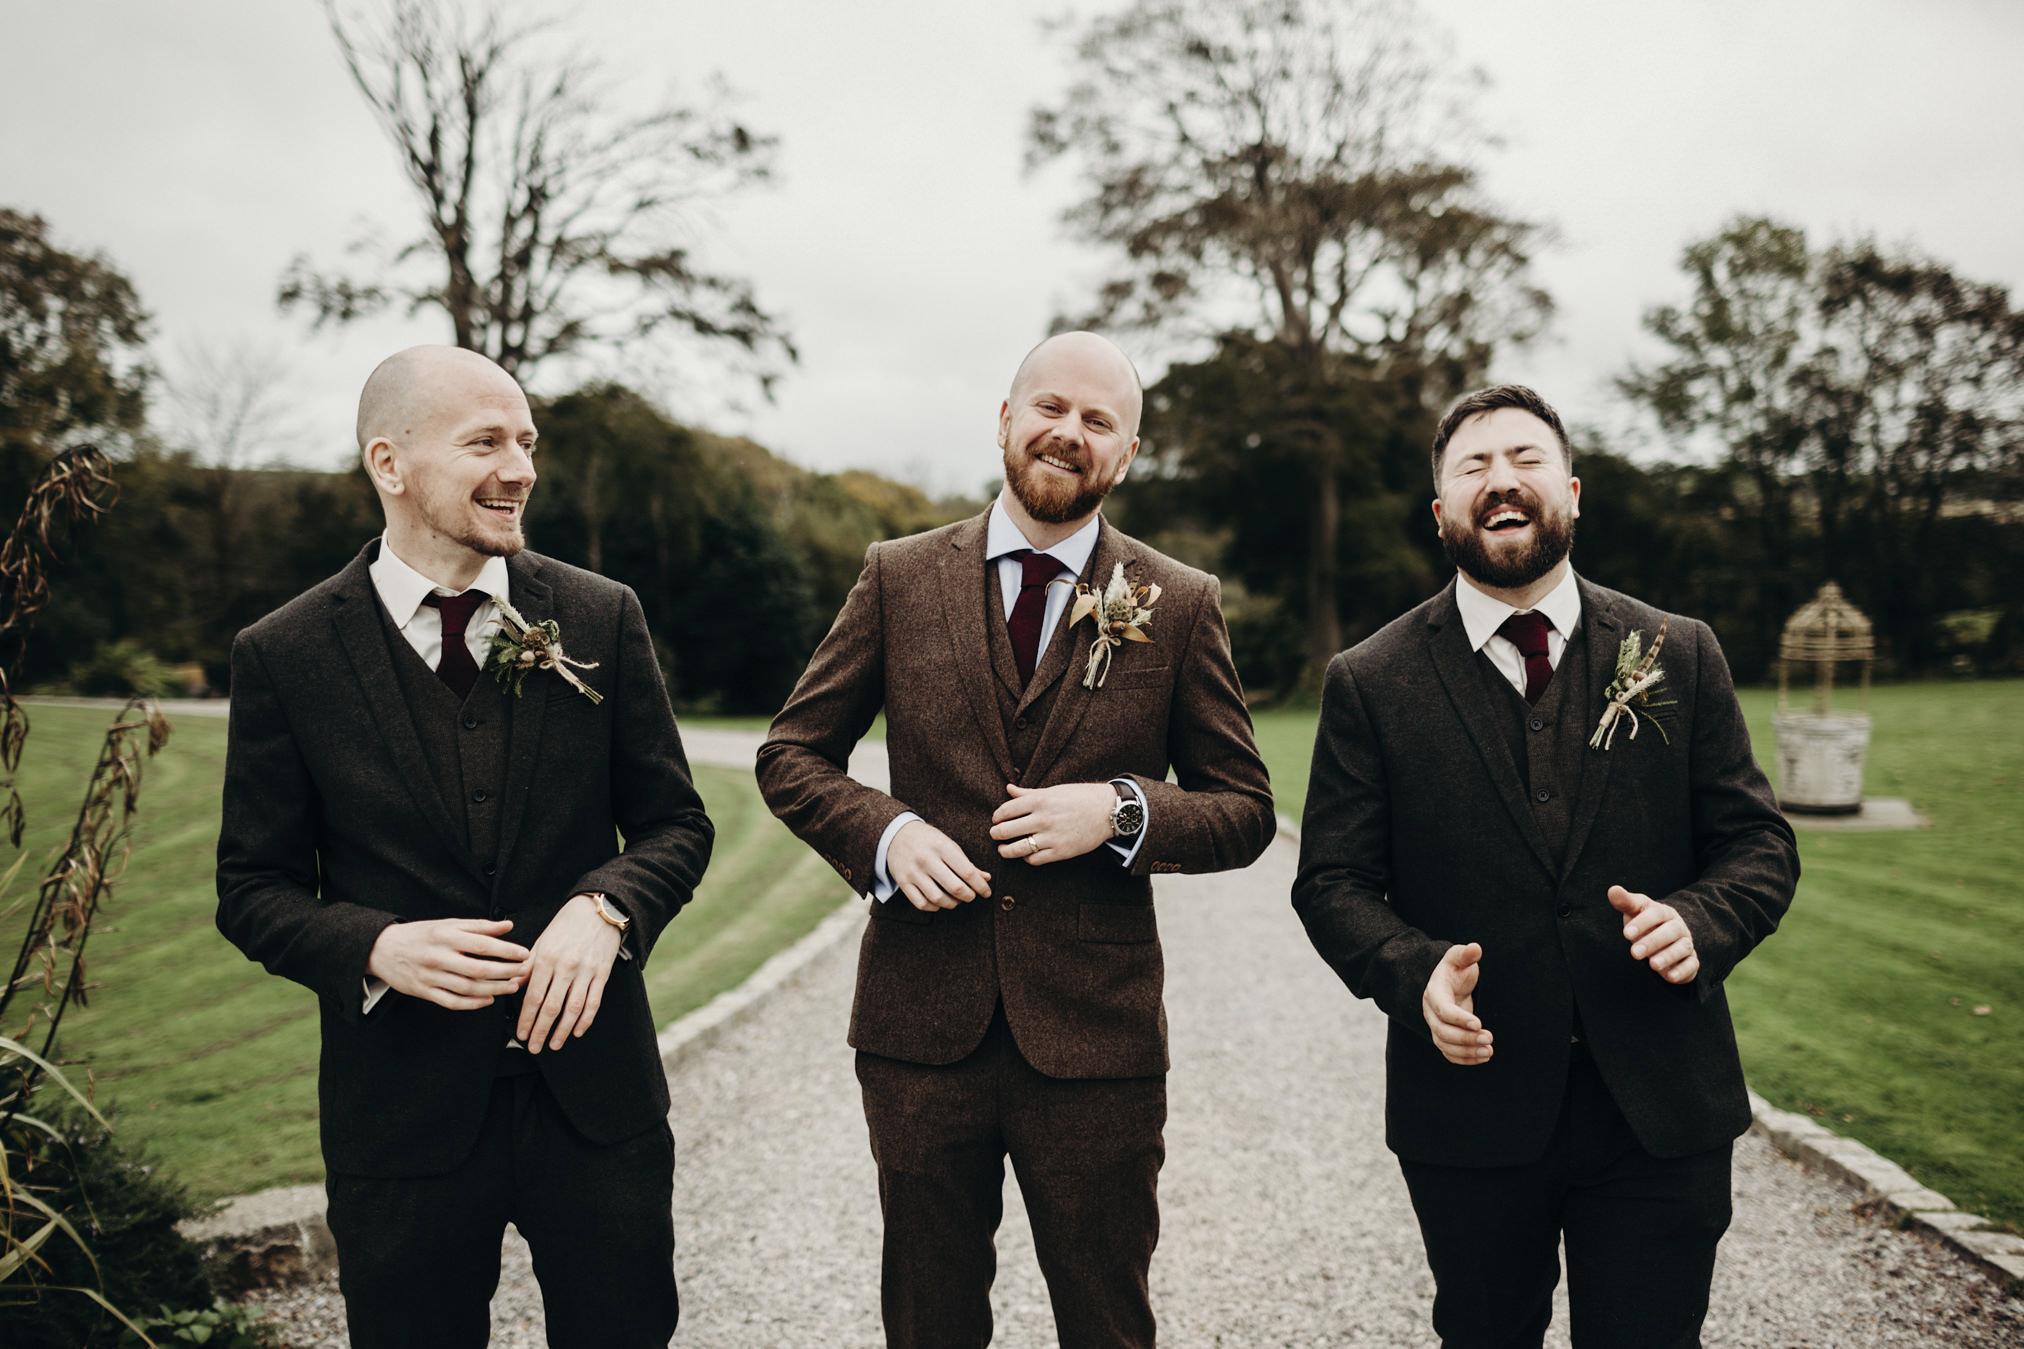 wedding photographer irelandGraciela Vilagudin Photography627.jpg